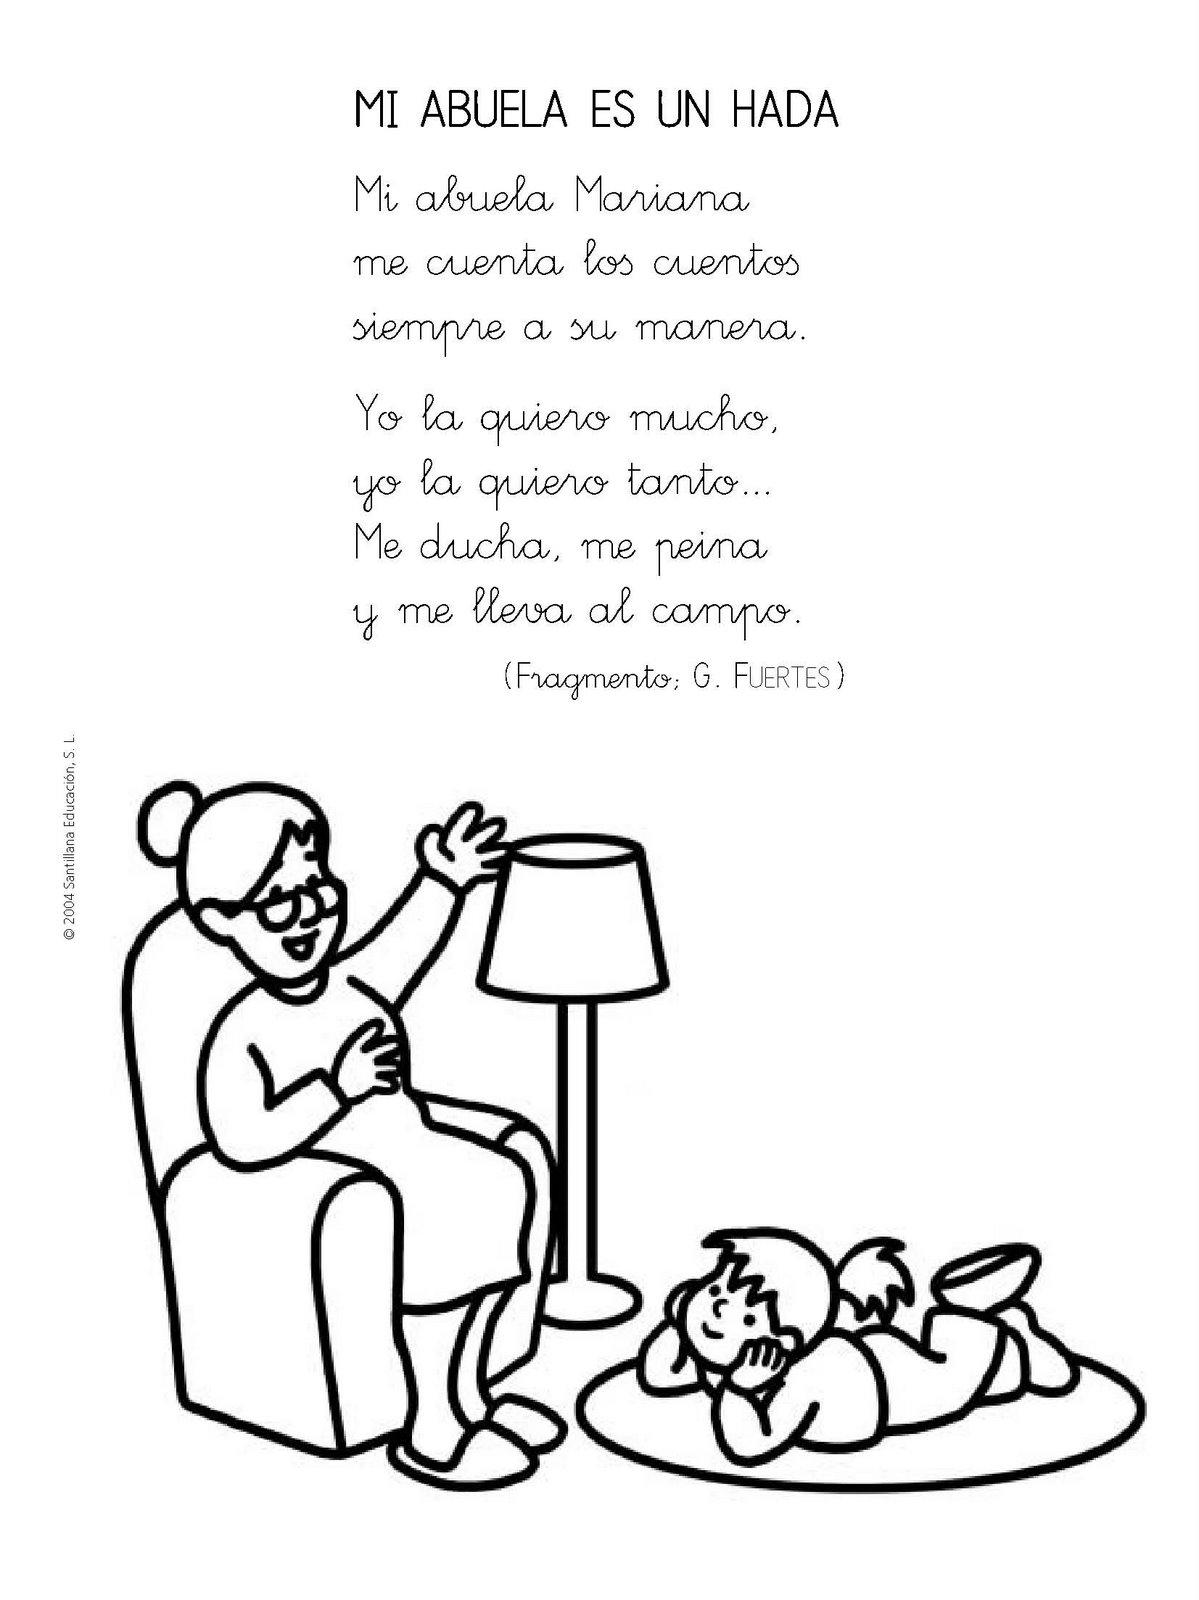 Poemas Para La Abuela Viva Wwwimagenesmycom